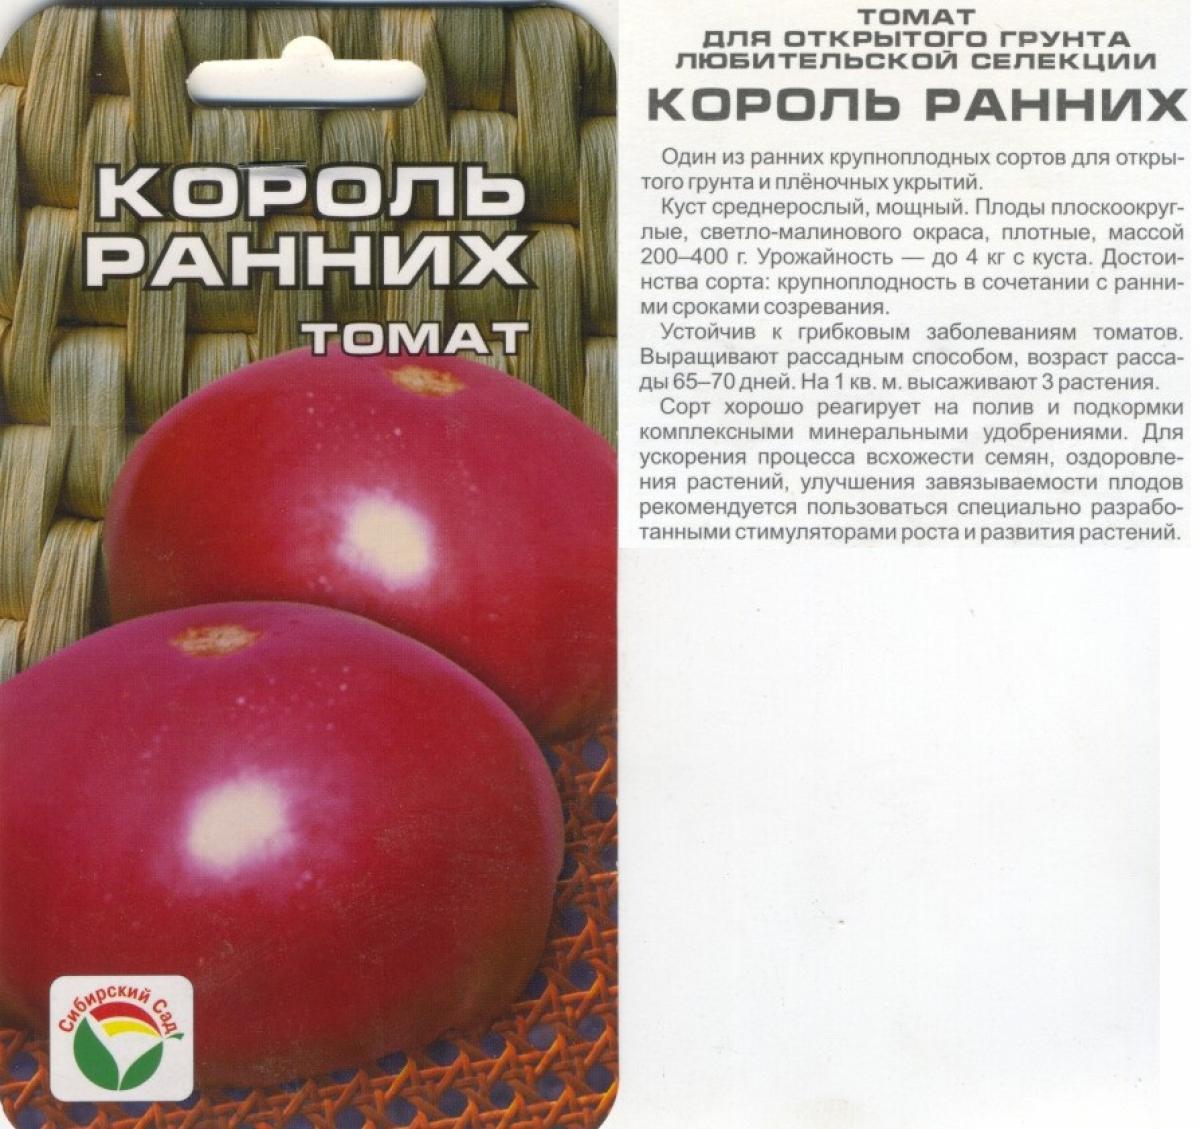 Томат король ранних — описание, фото, характеристика, особенности выращивания сорта